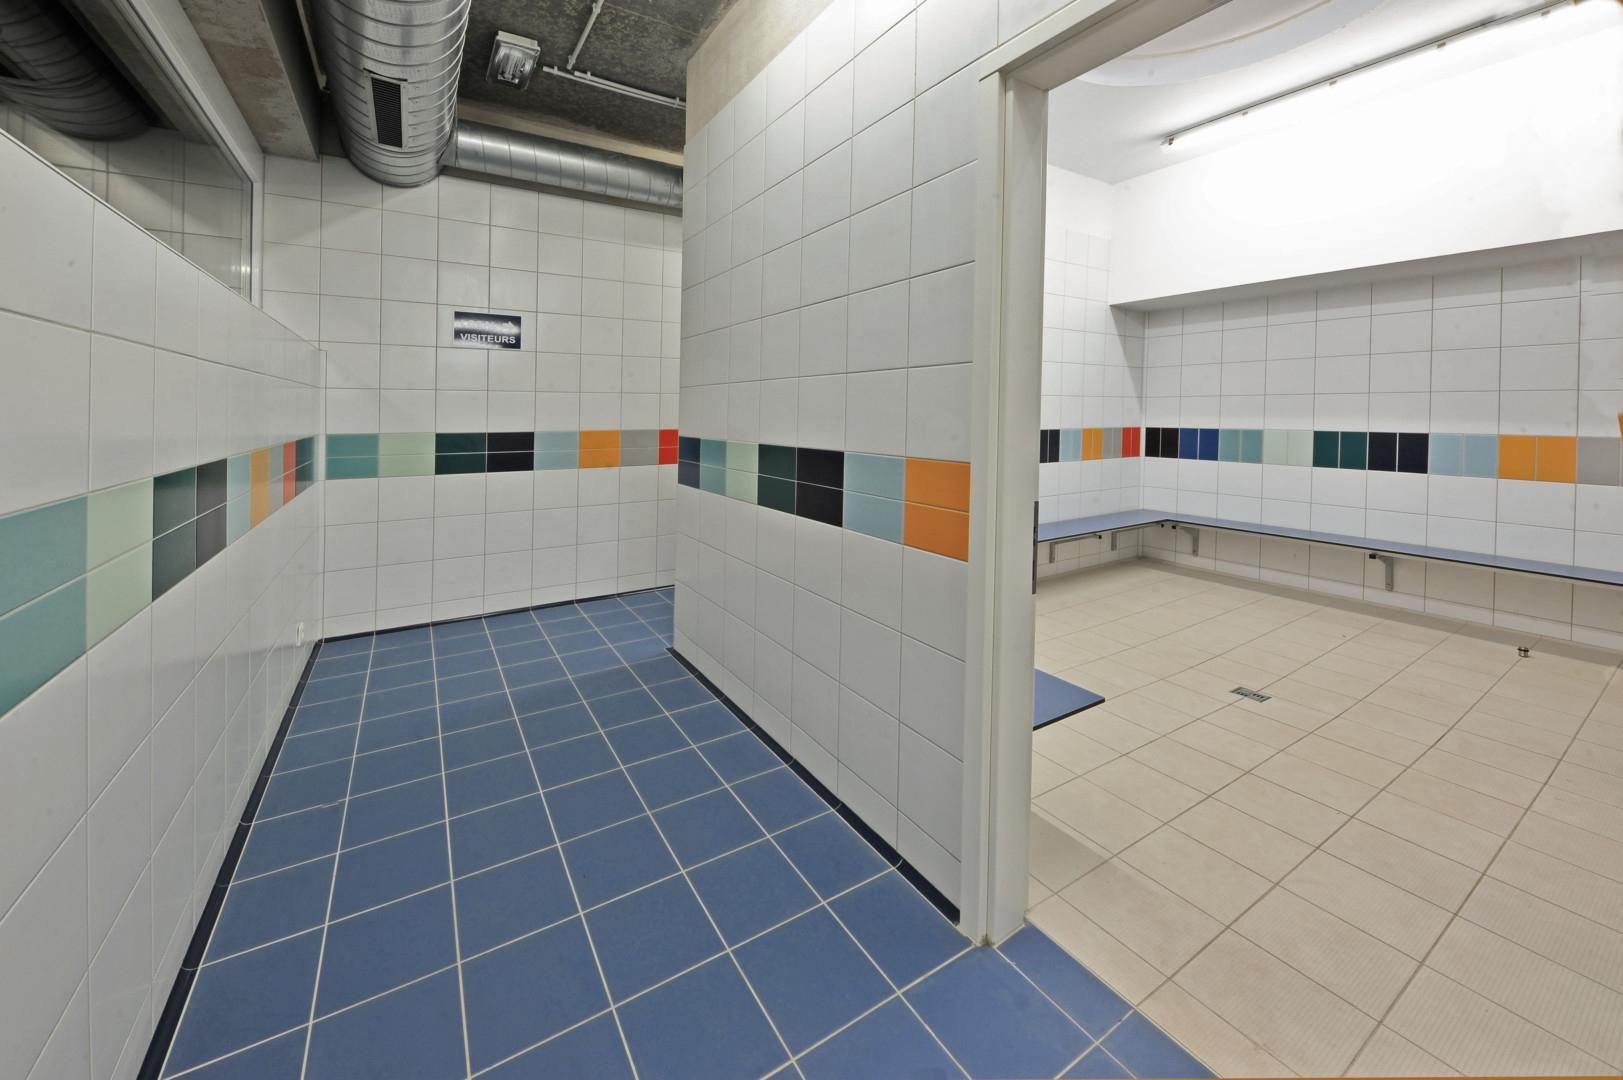 Piscine Carlsbourg Vestiaire Ecole | Créations Gillet destiné Vestiaire Piscine